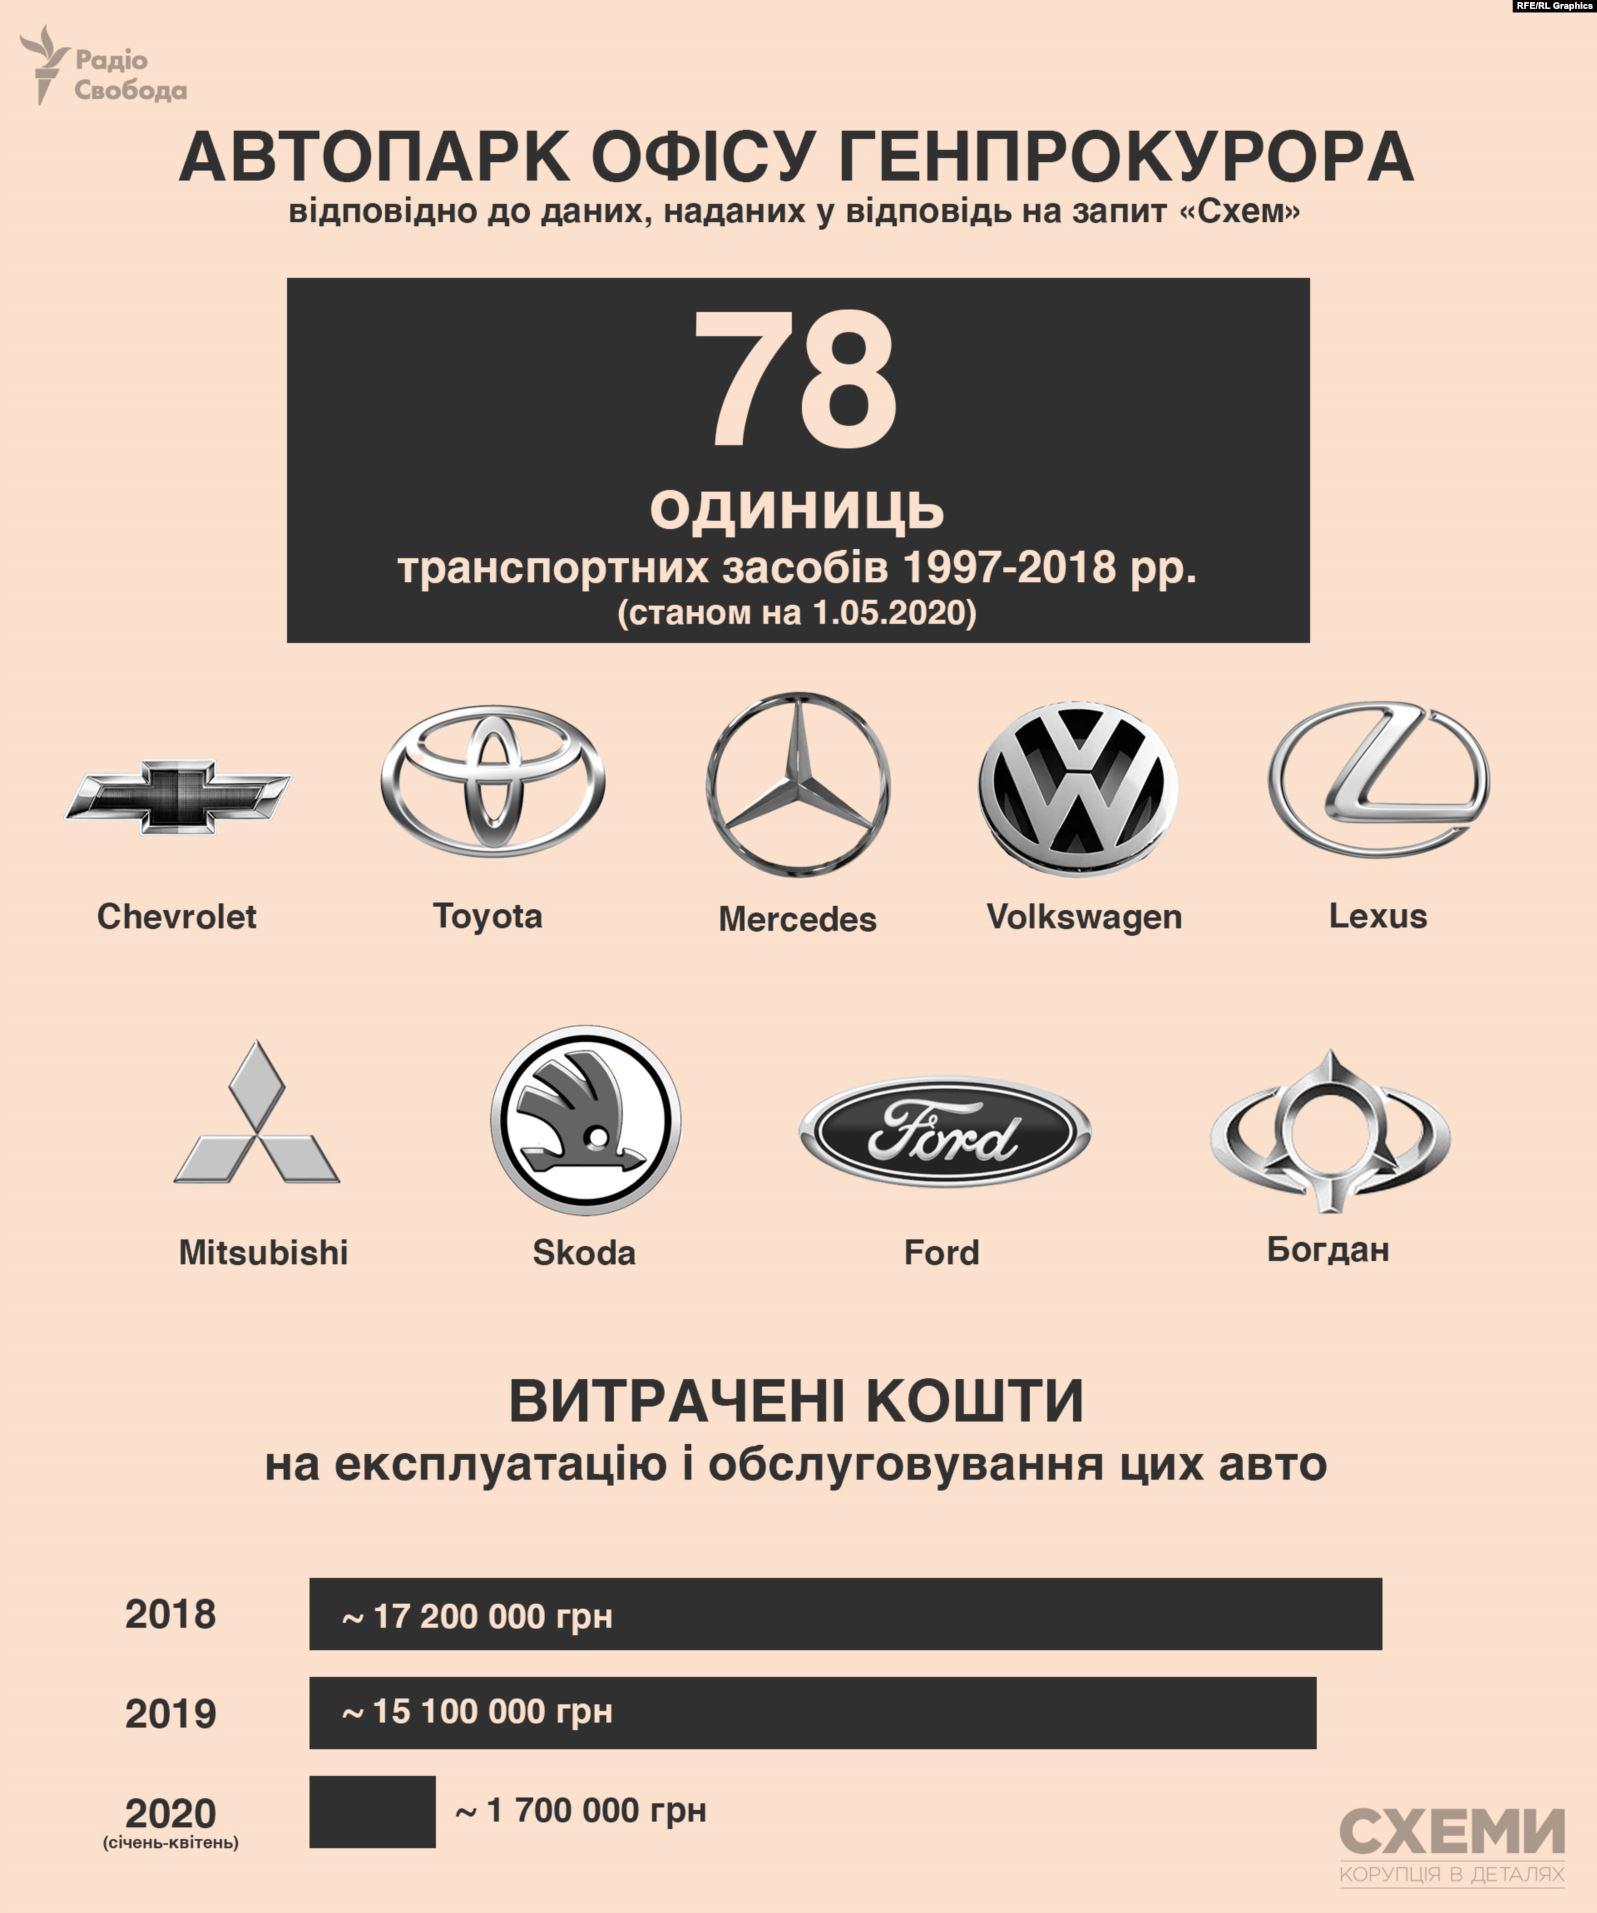 Какие автомобили используют правоохранительные органы Украины